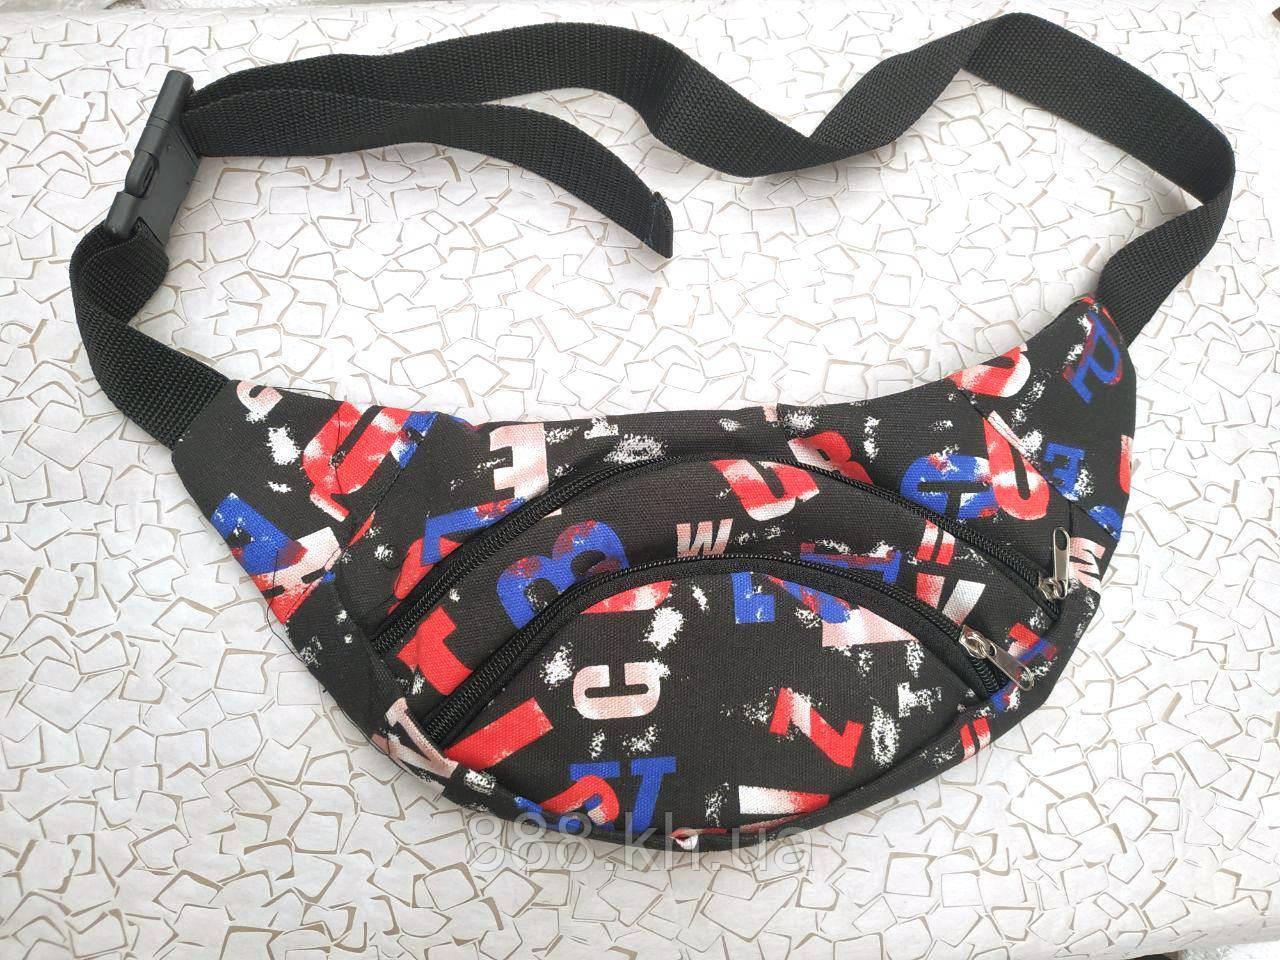 Поясная сумка принт мужская/женская, бананка, сумка через плече